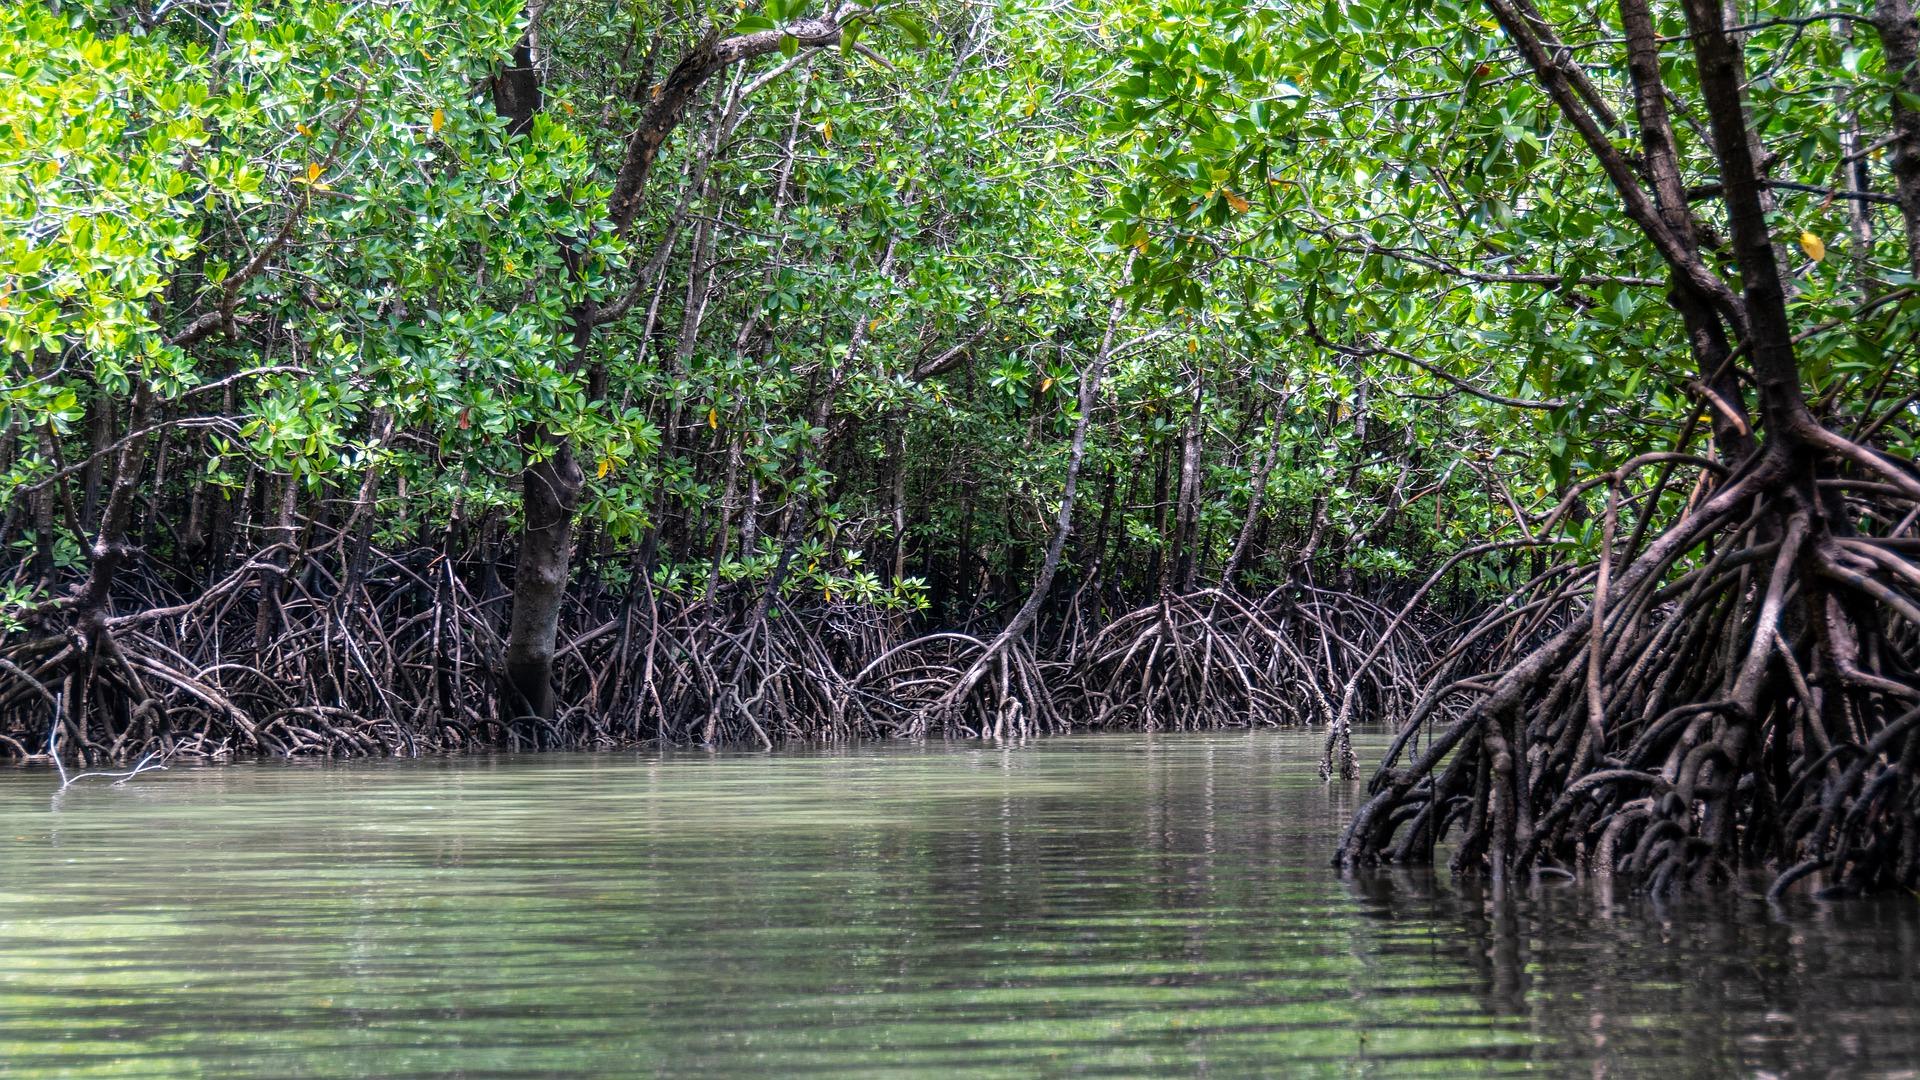 Links und rechts des Flusses stehen viele Mangroven